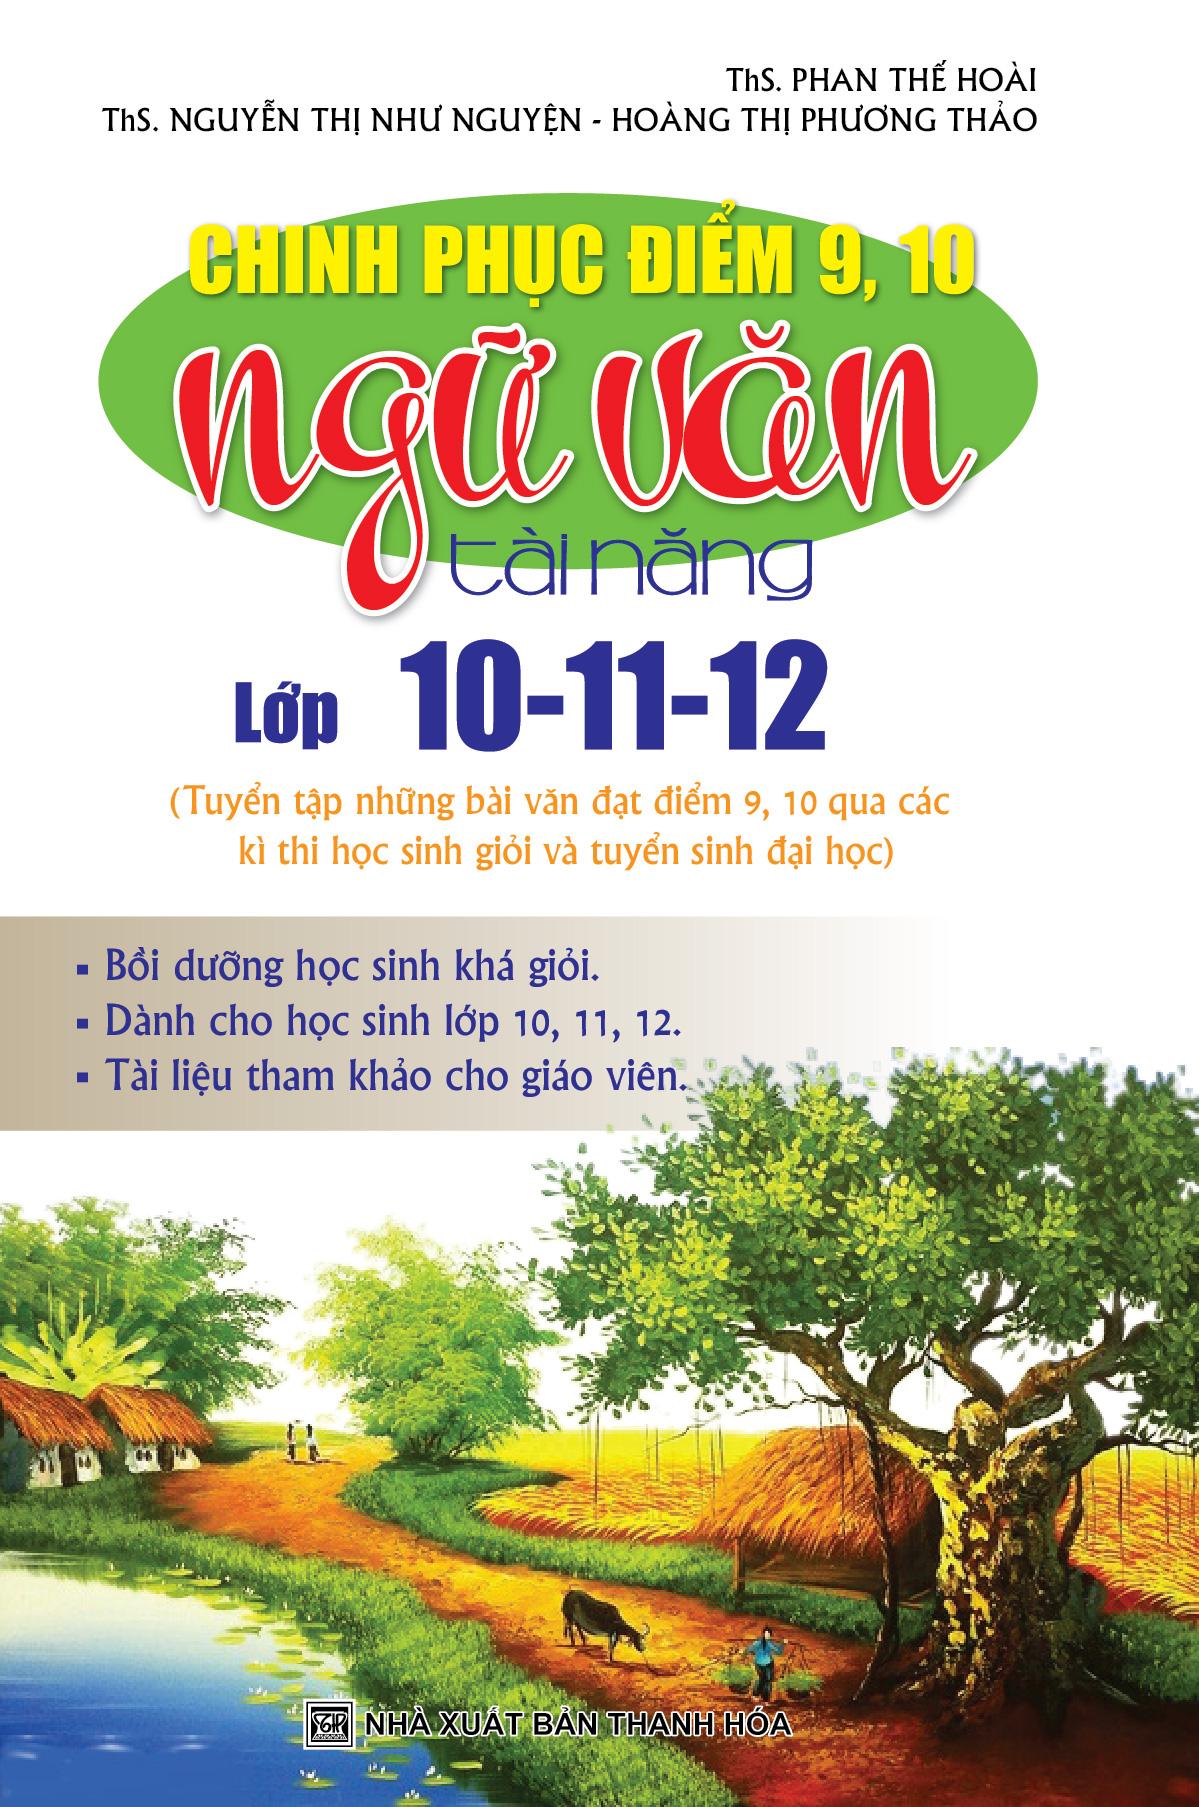 Chinh Phục Điểm 9, 10 Ngữ Văn Tài Năng Lớp 10 - 11 - 12 - EBOOK/PDF/PRC/EPUB